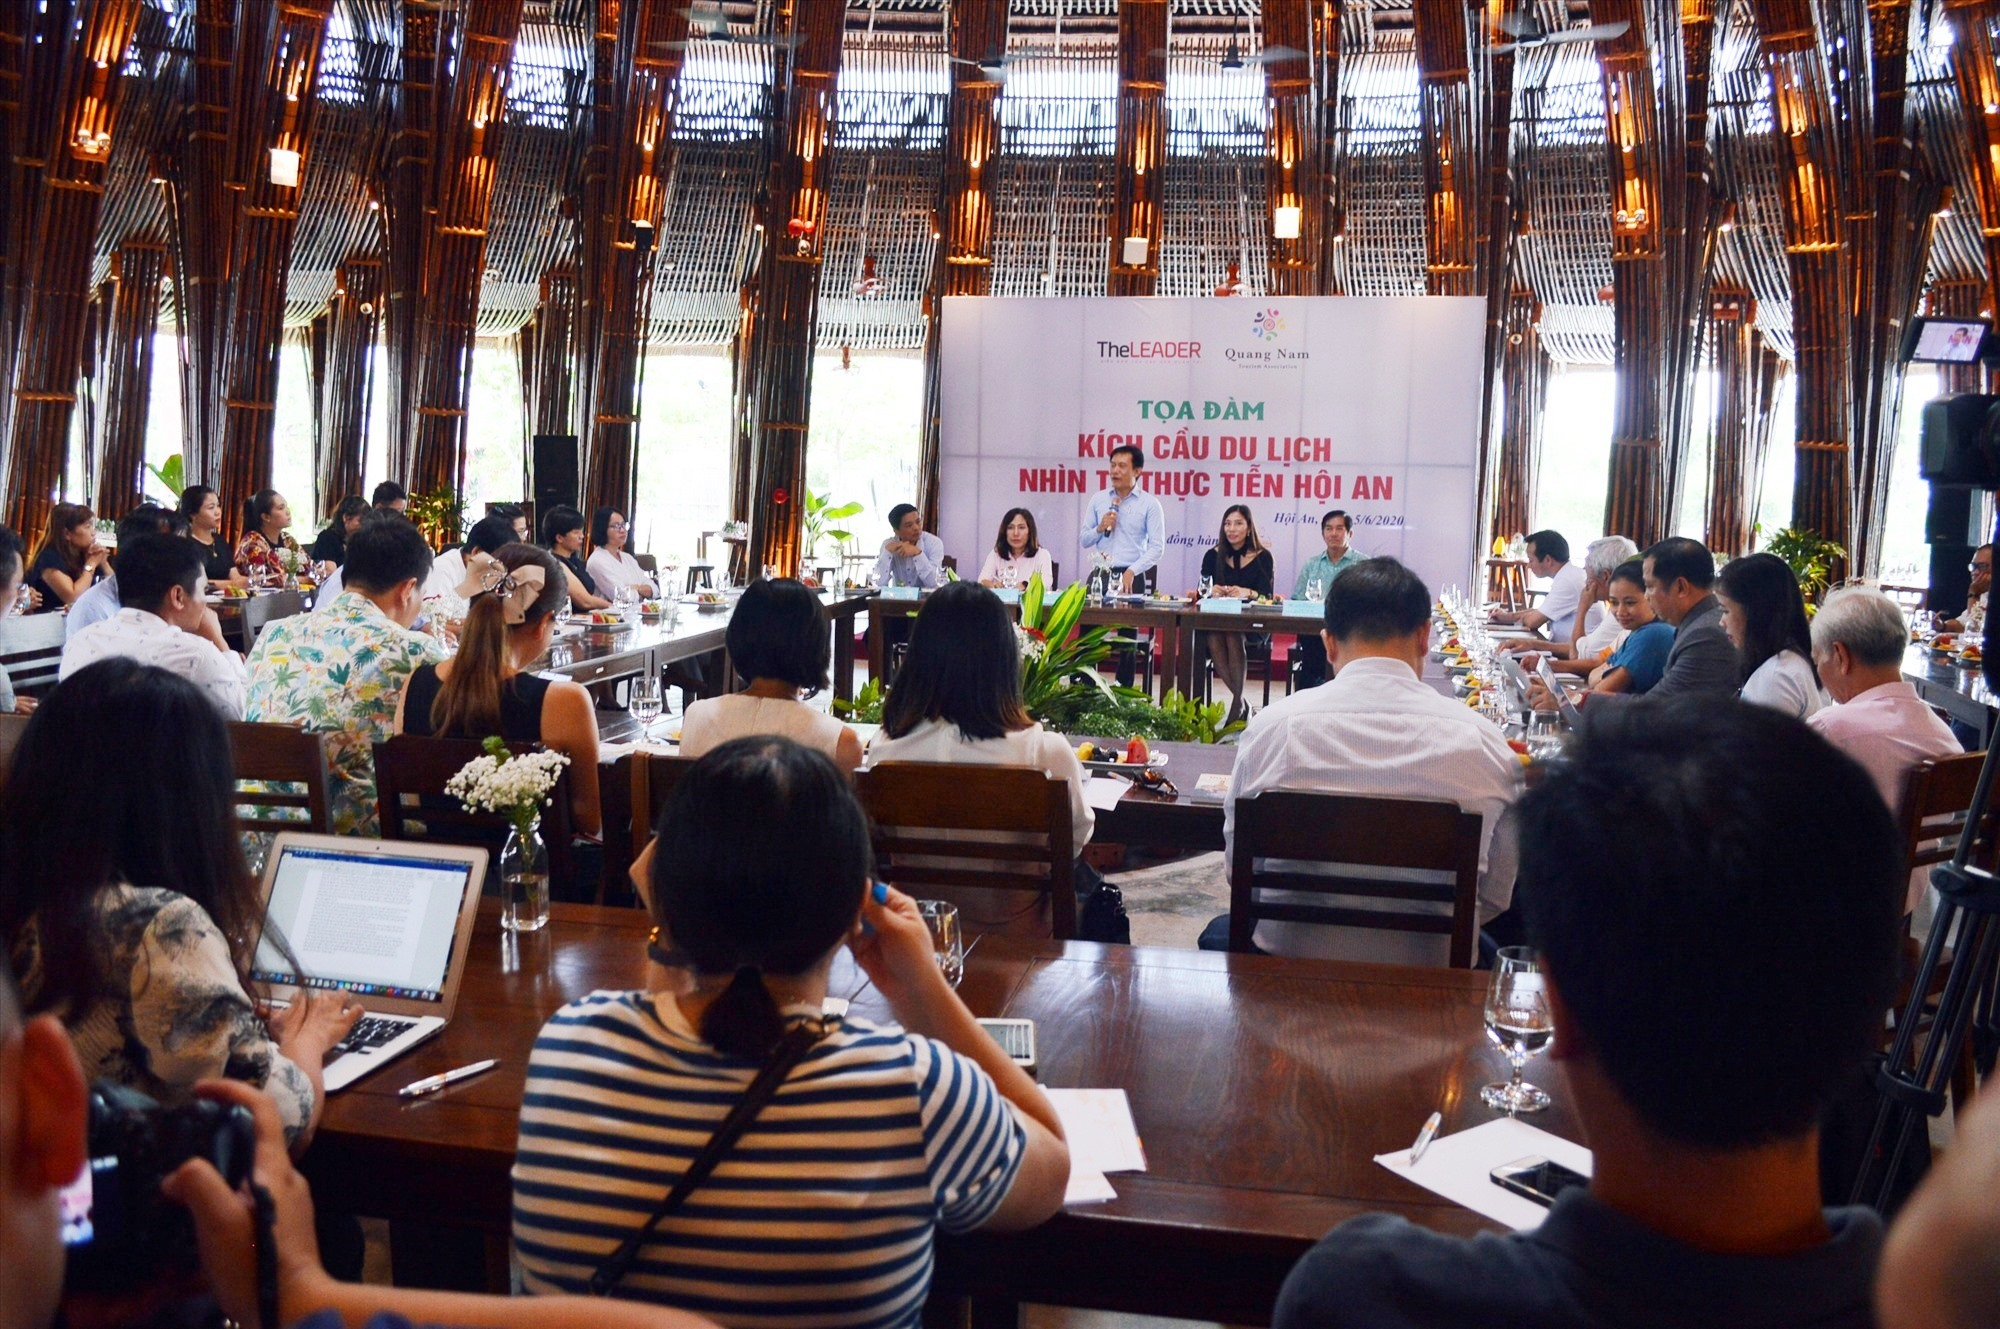 sự kiện thu hút khoảng 40 doanh nghiệp du lịch tham gia